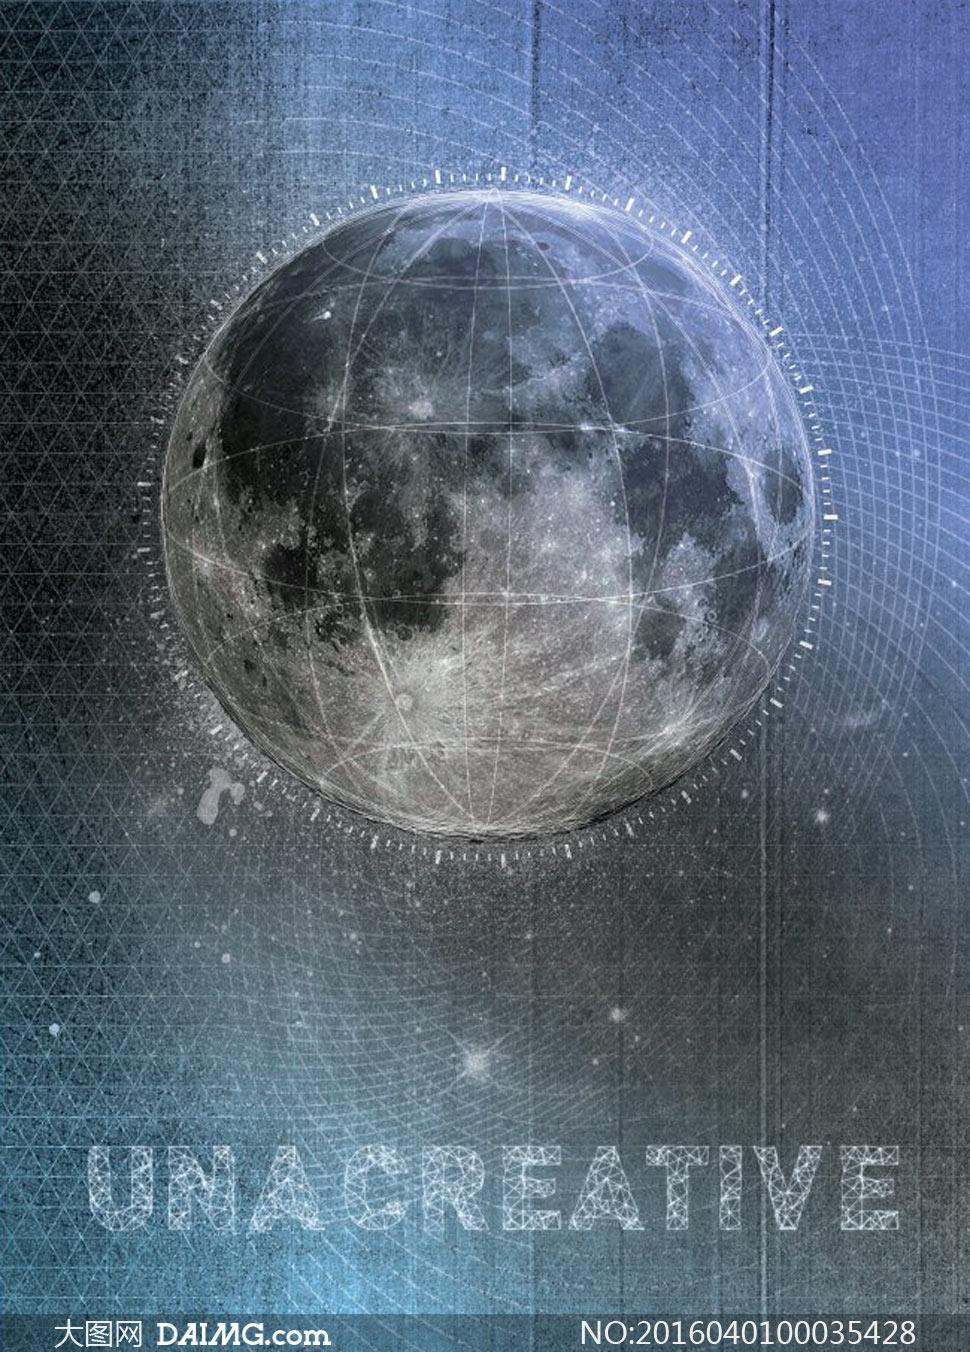 ps海报素材大图_创意的星球海报设计PS教程素材 - 大图网素材daimg.com